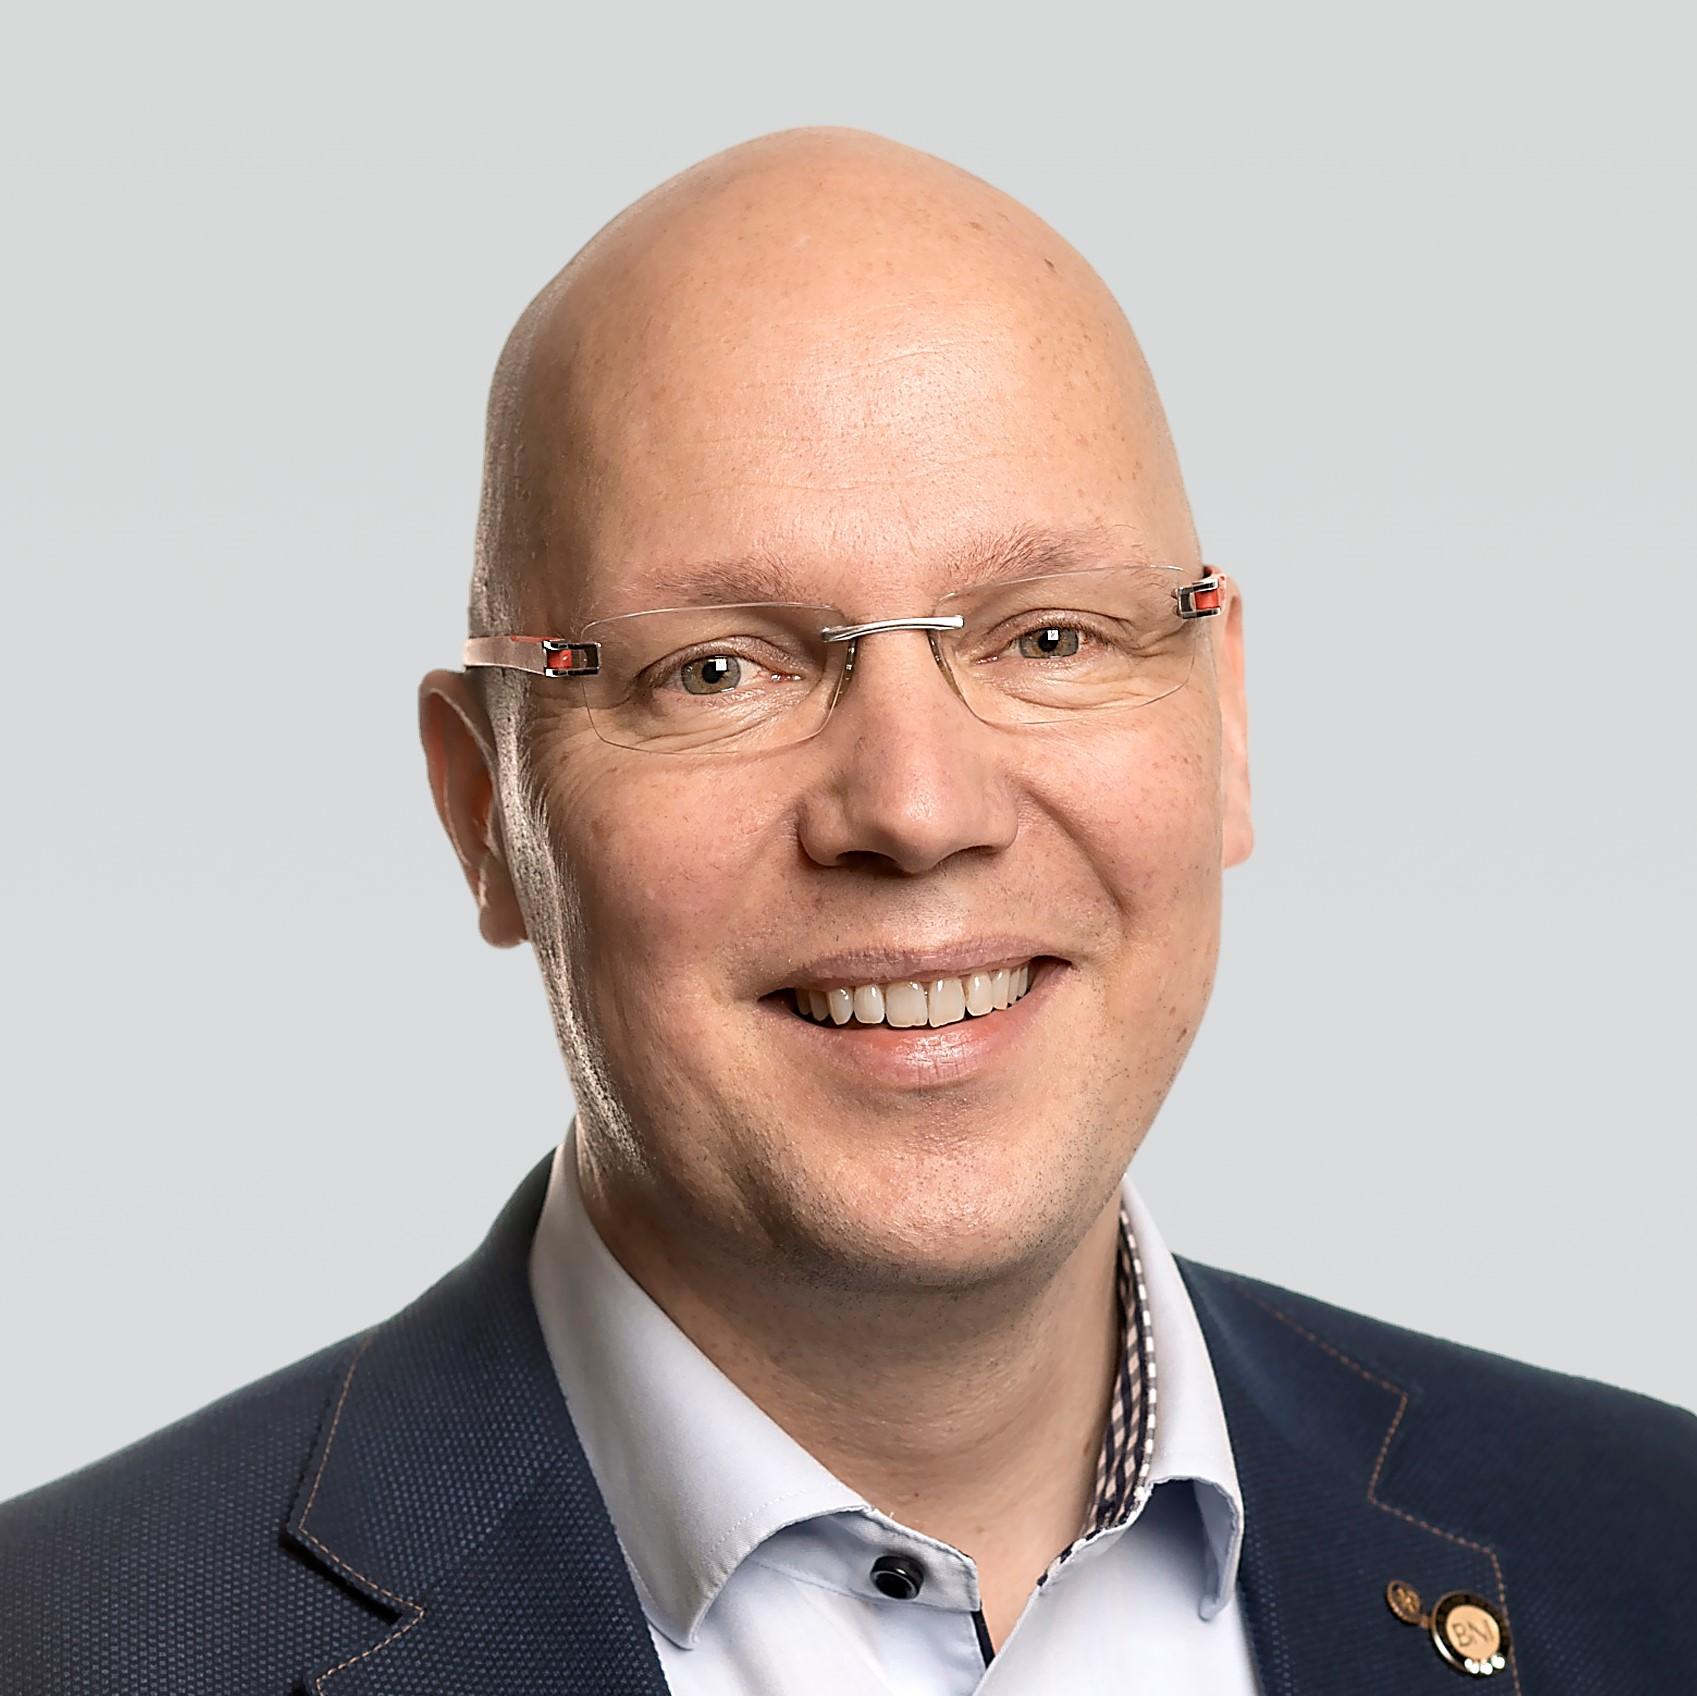 Marko Hyyrynen